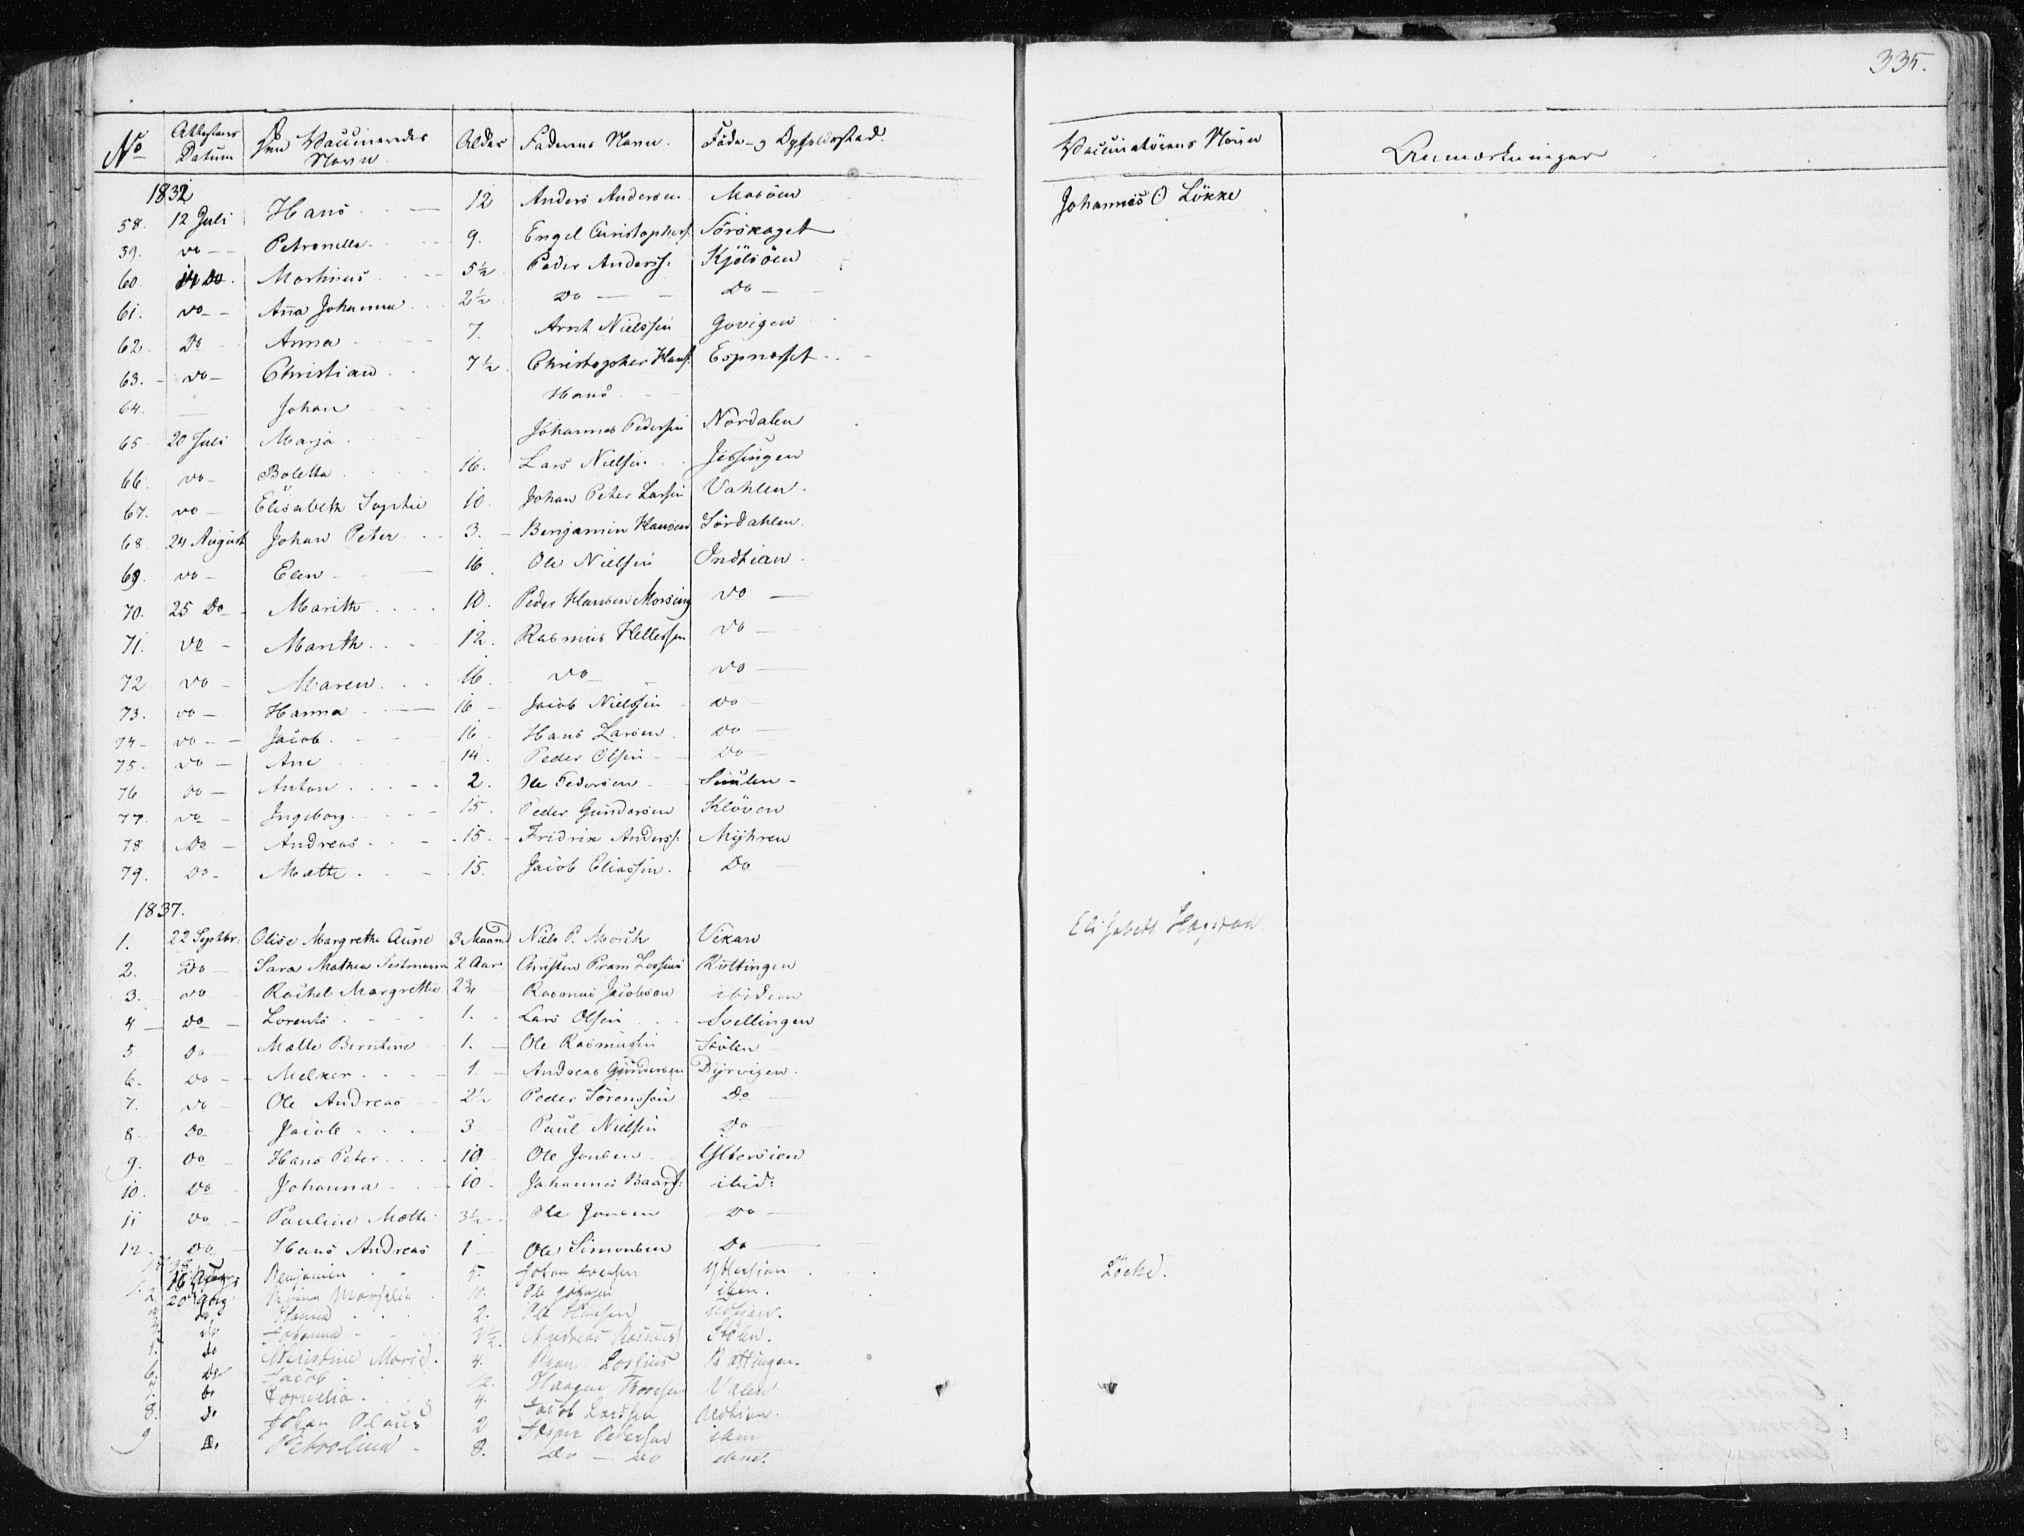 SAT, Ministerialprotokoller, klokkerbøker og fødselsregistre - Sør-Trøndelag, 634/L0528: Ministerialbok nr. 634A04, 1827-1842, s. 335